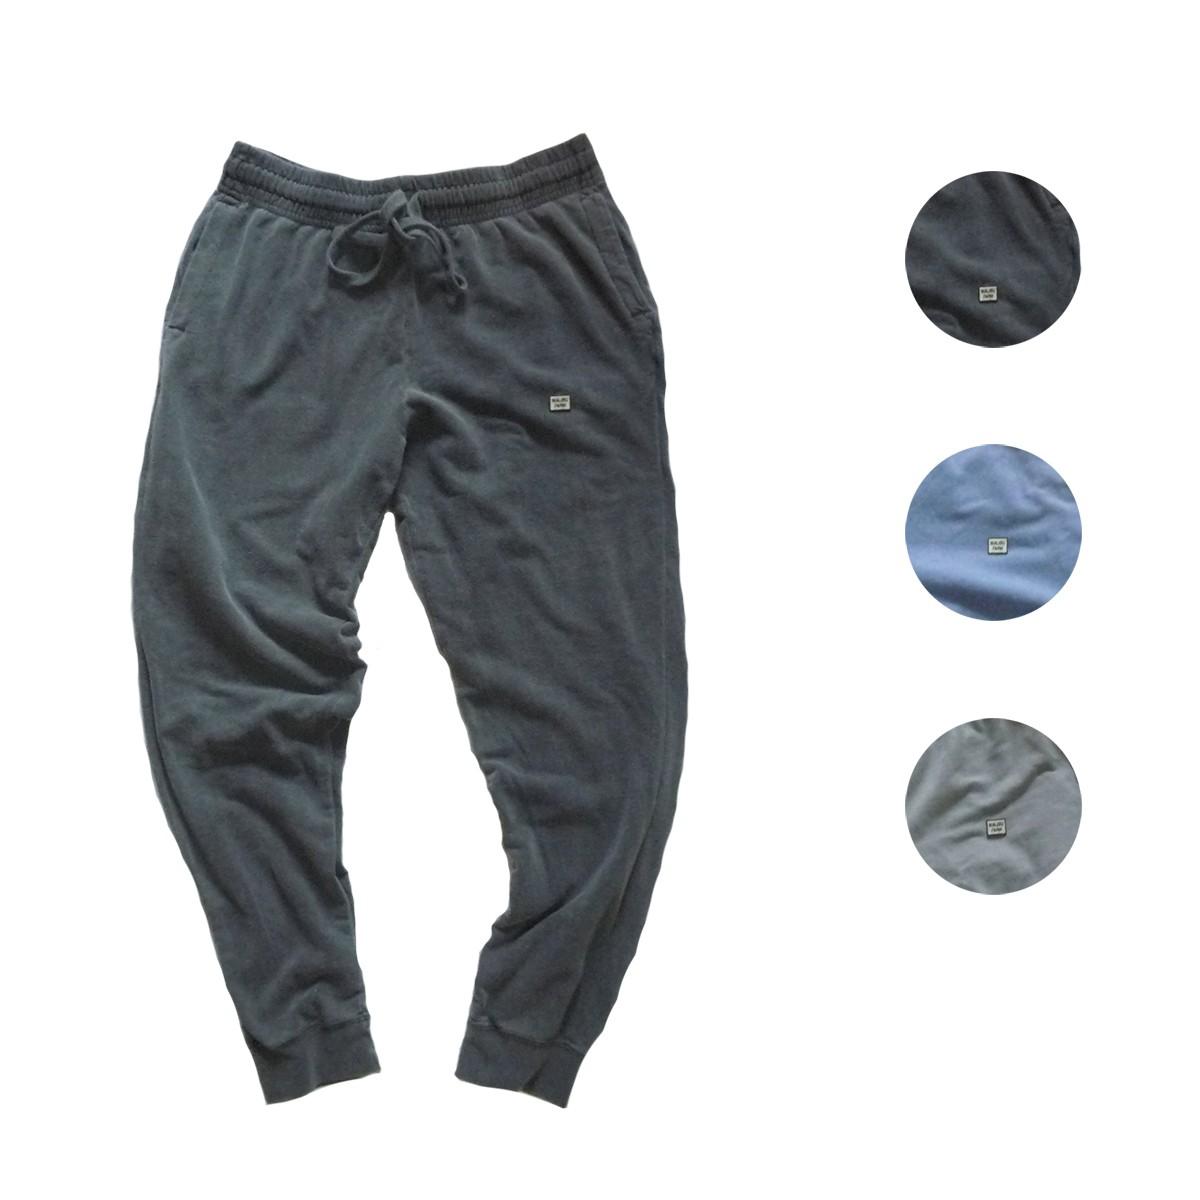 画像1: MALIBU FARM マリブファーム TERRY JOGGER PANTS 全3色 メンズ (1)